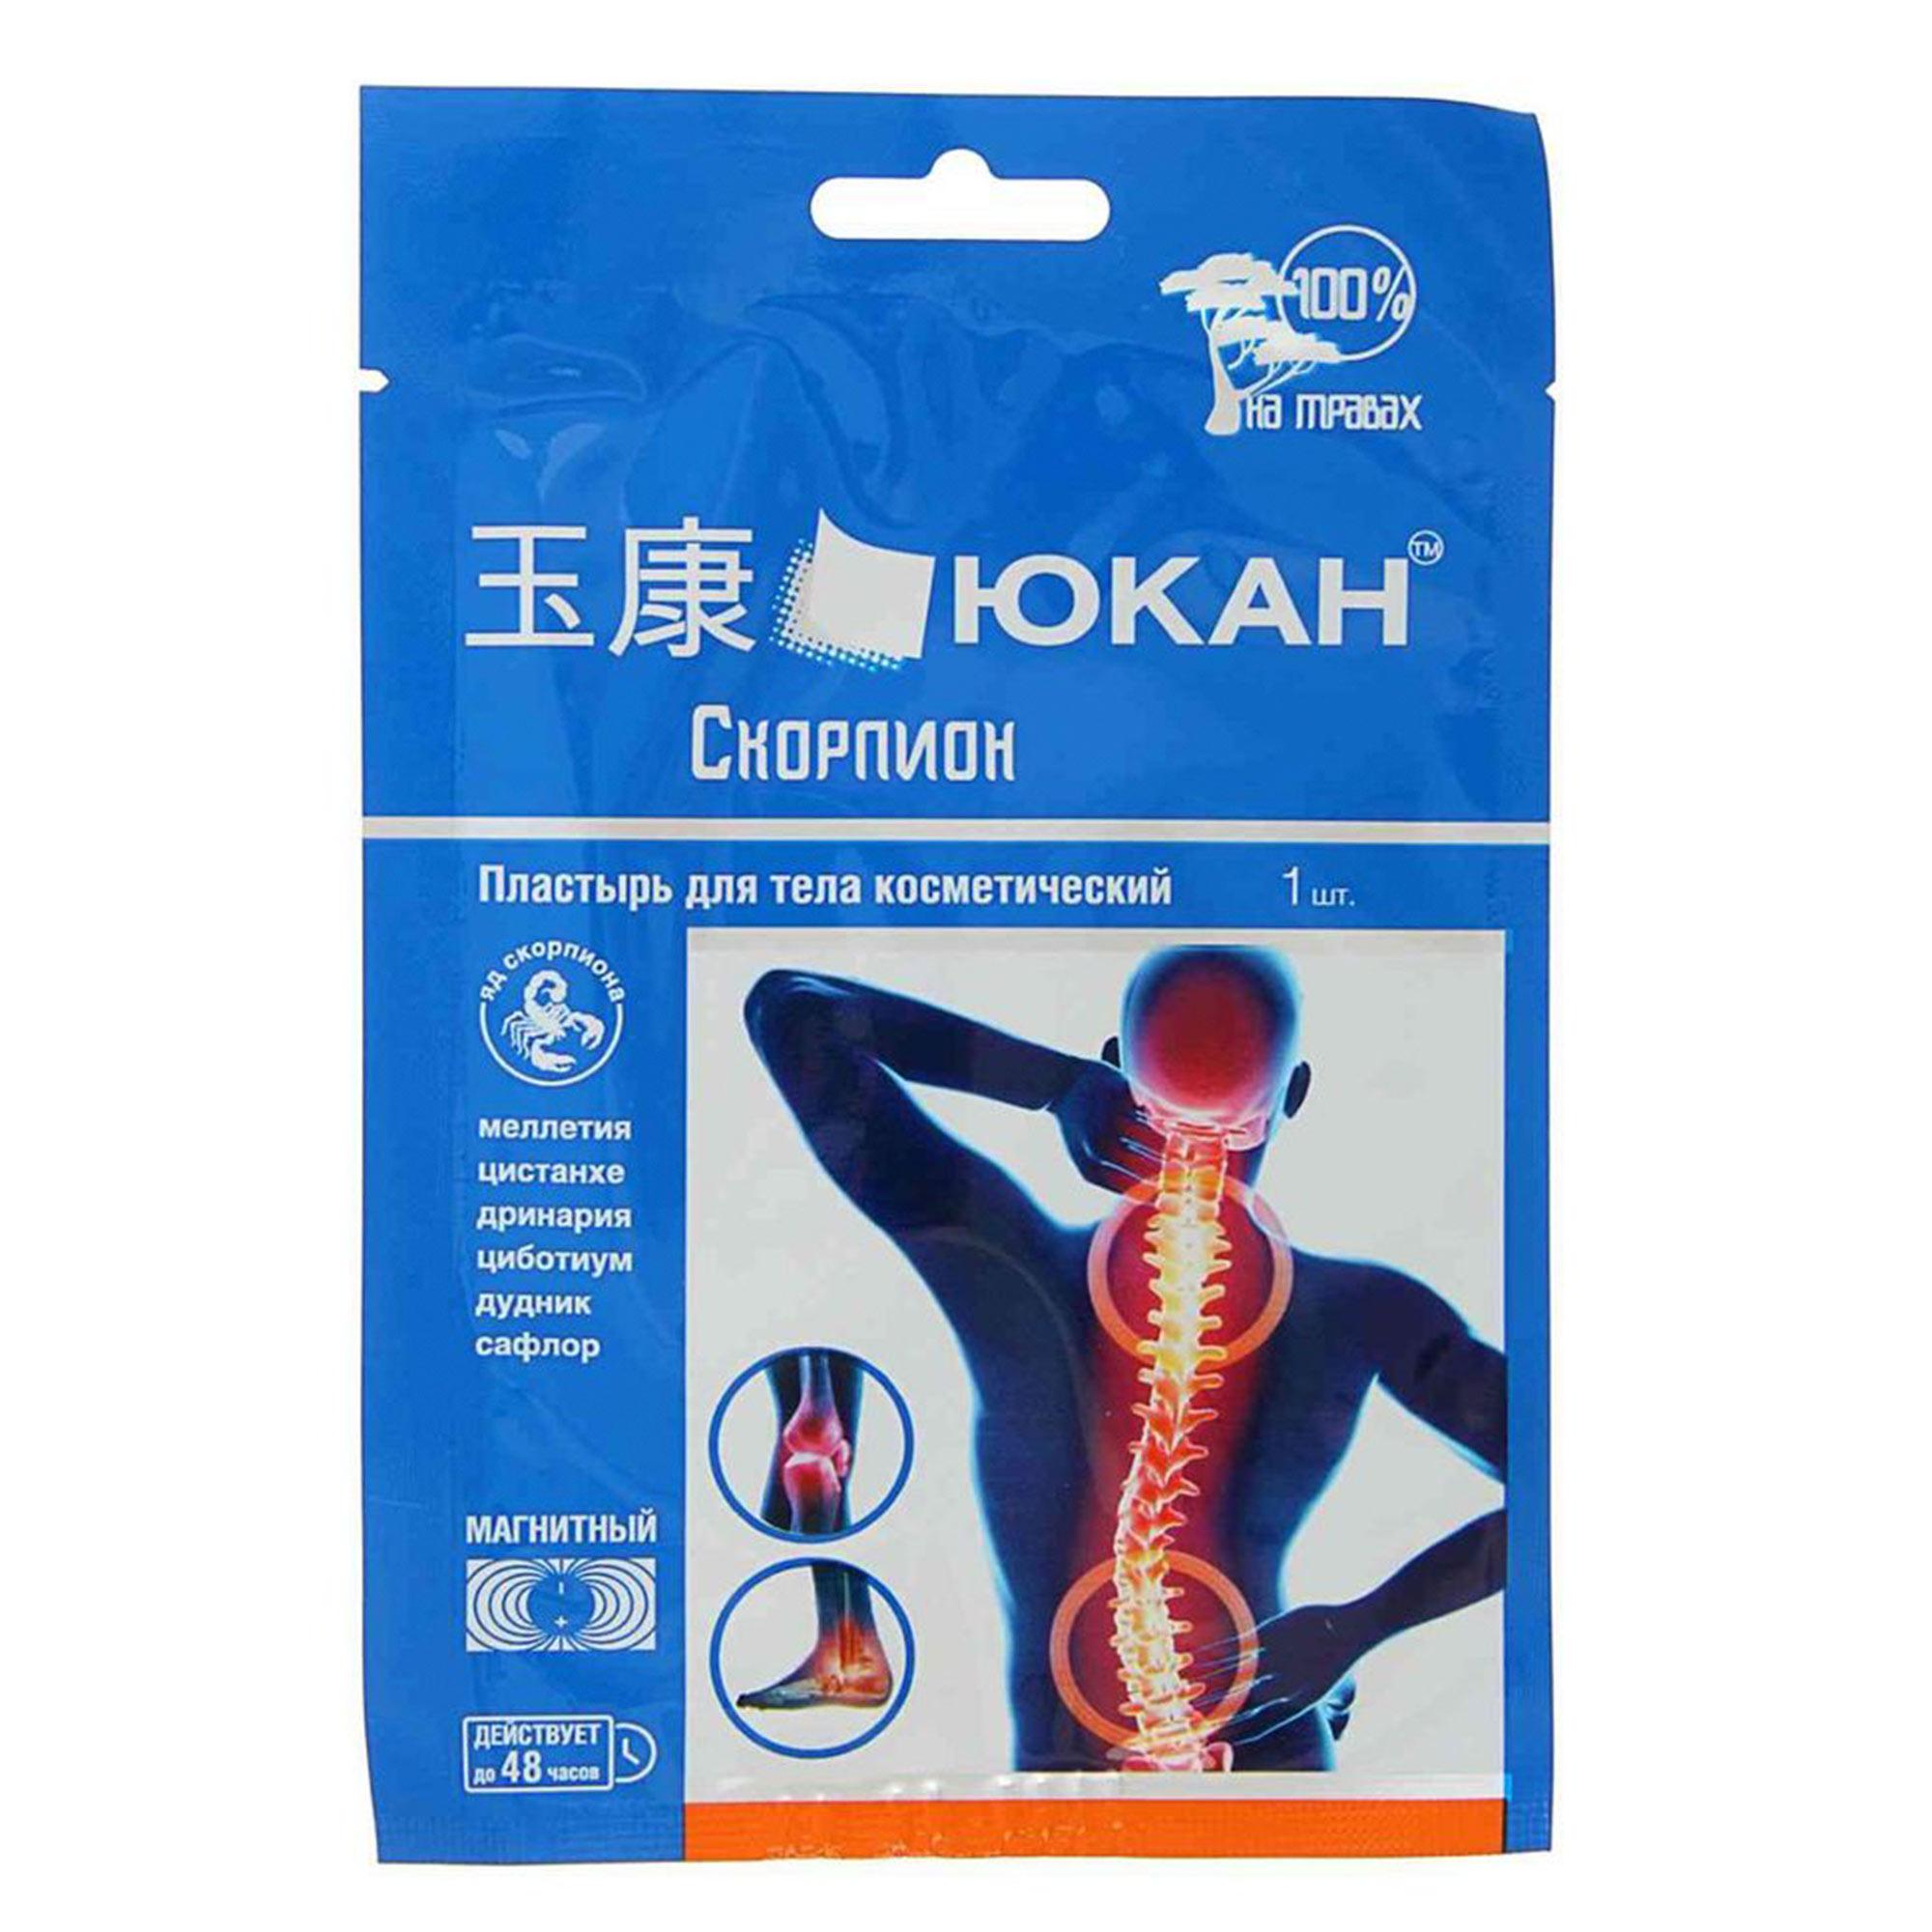 Пластырь Юкан Скорпион для тела магнитный обезболивающий ортопедический 1 шт